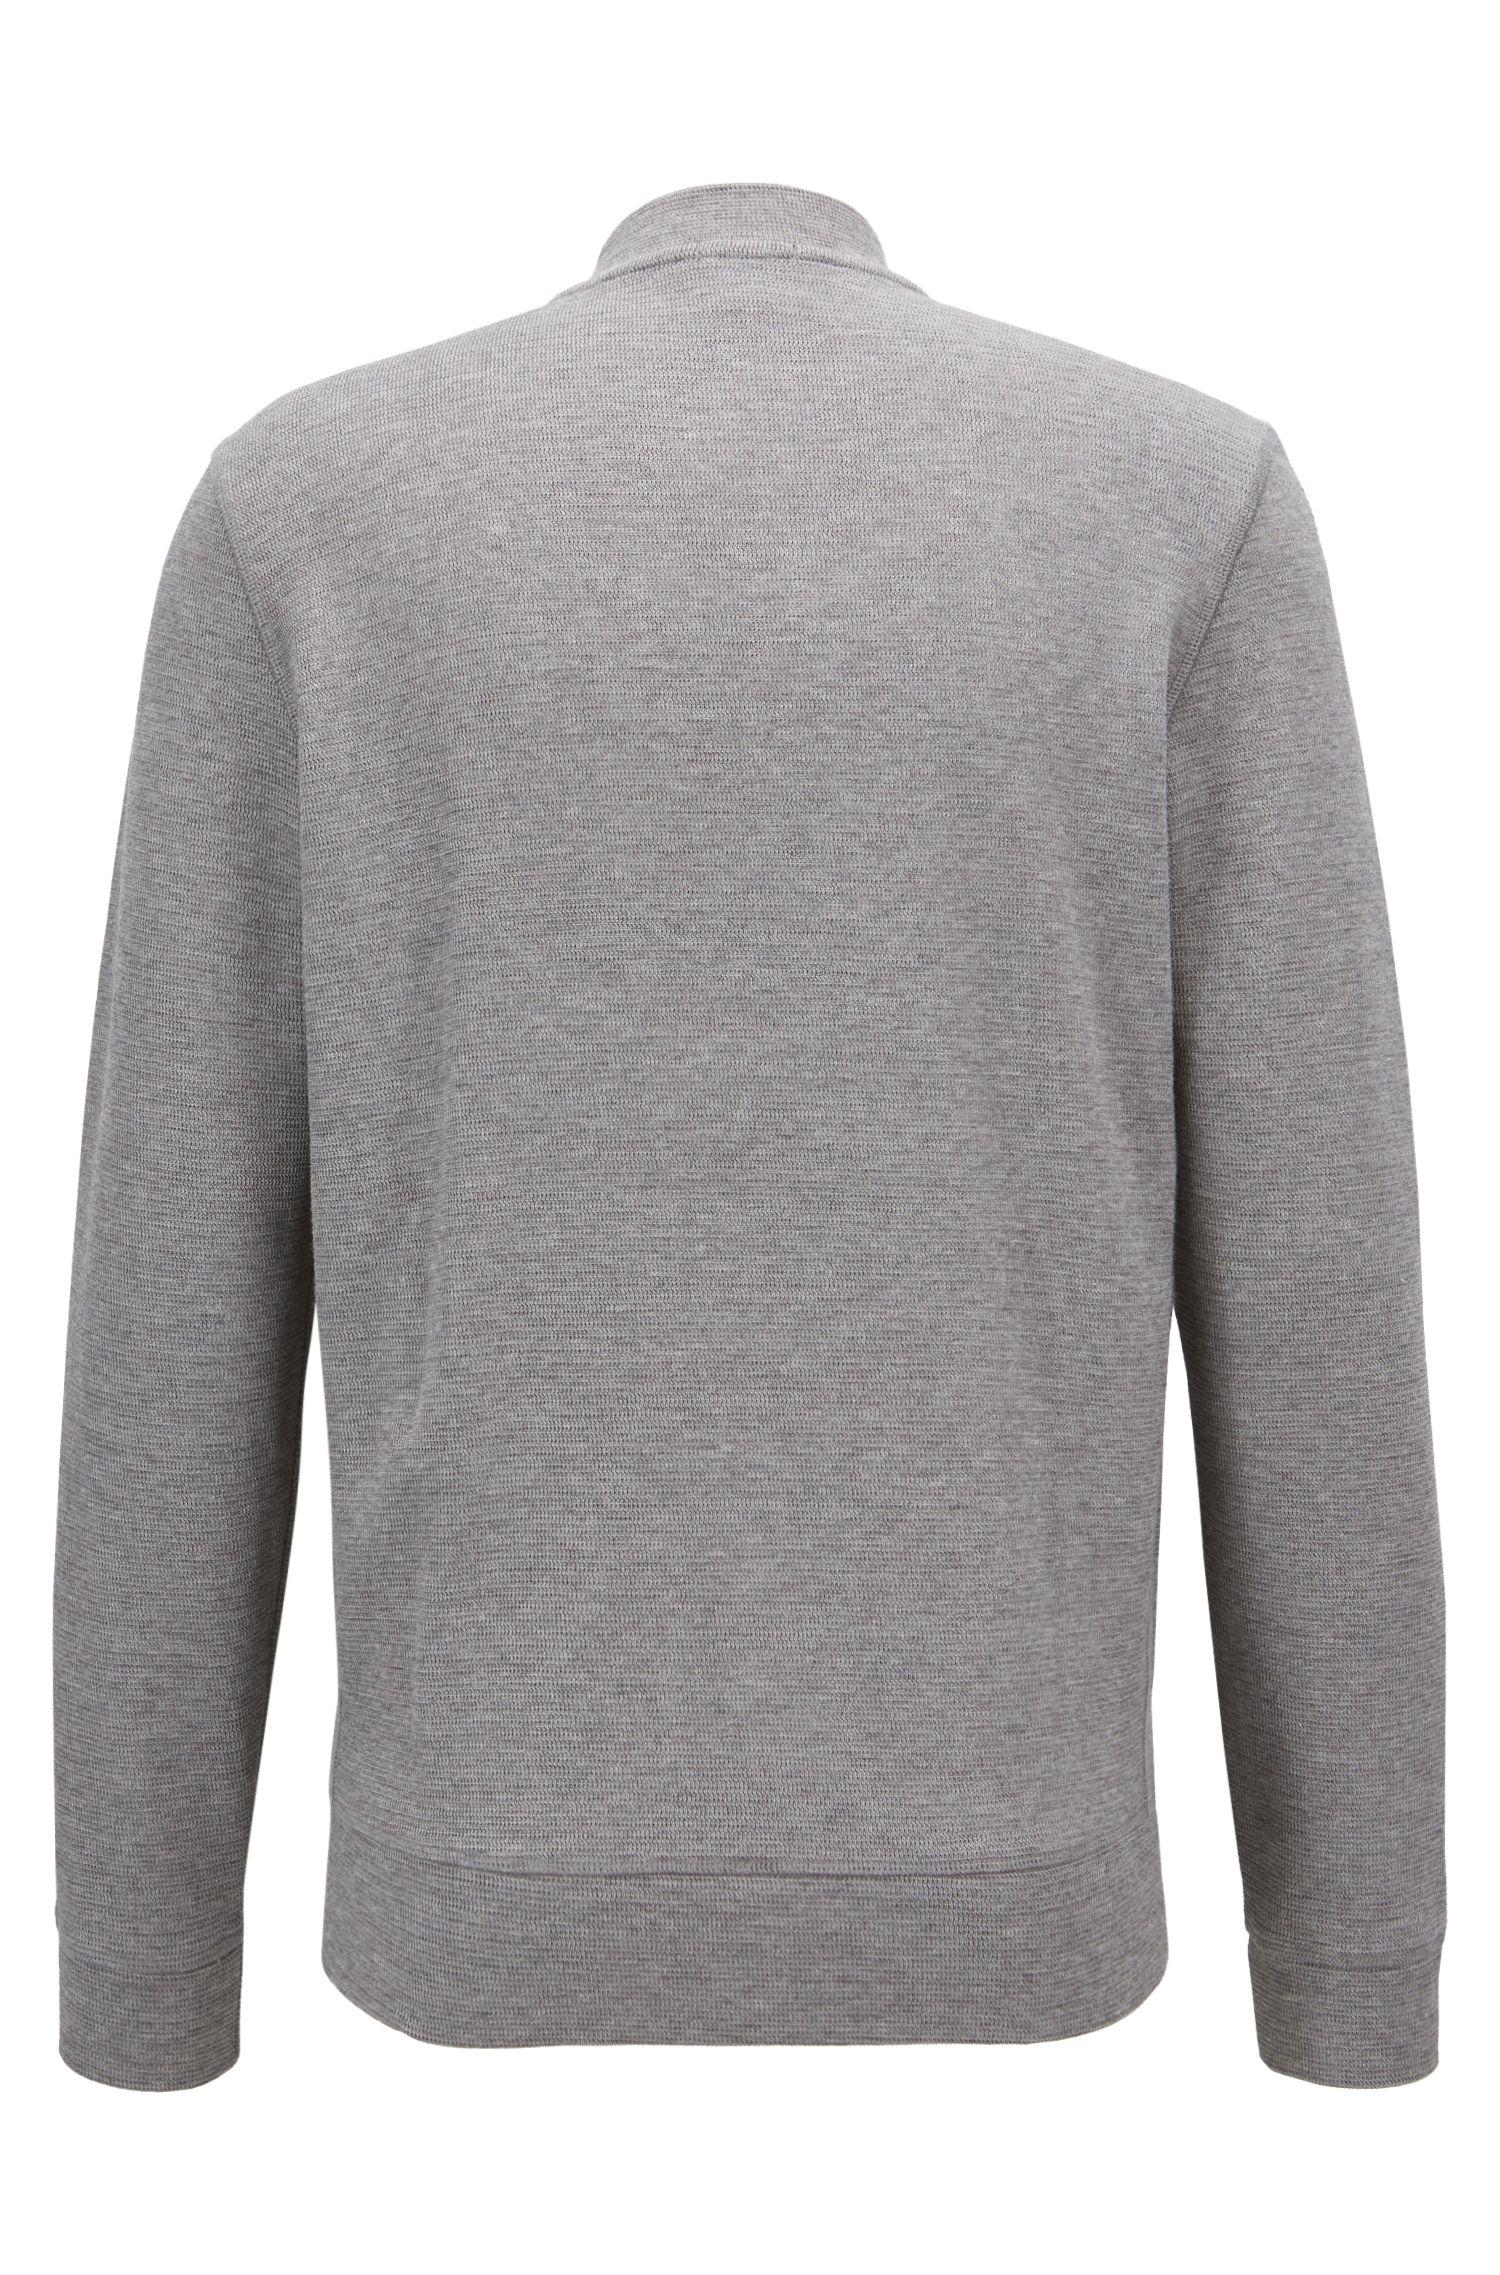 Sweater van een katoenmix met ritssluiting en collegekraag